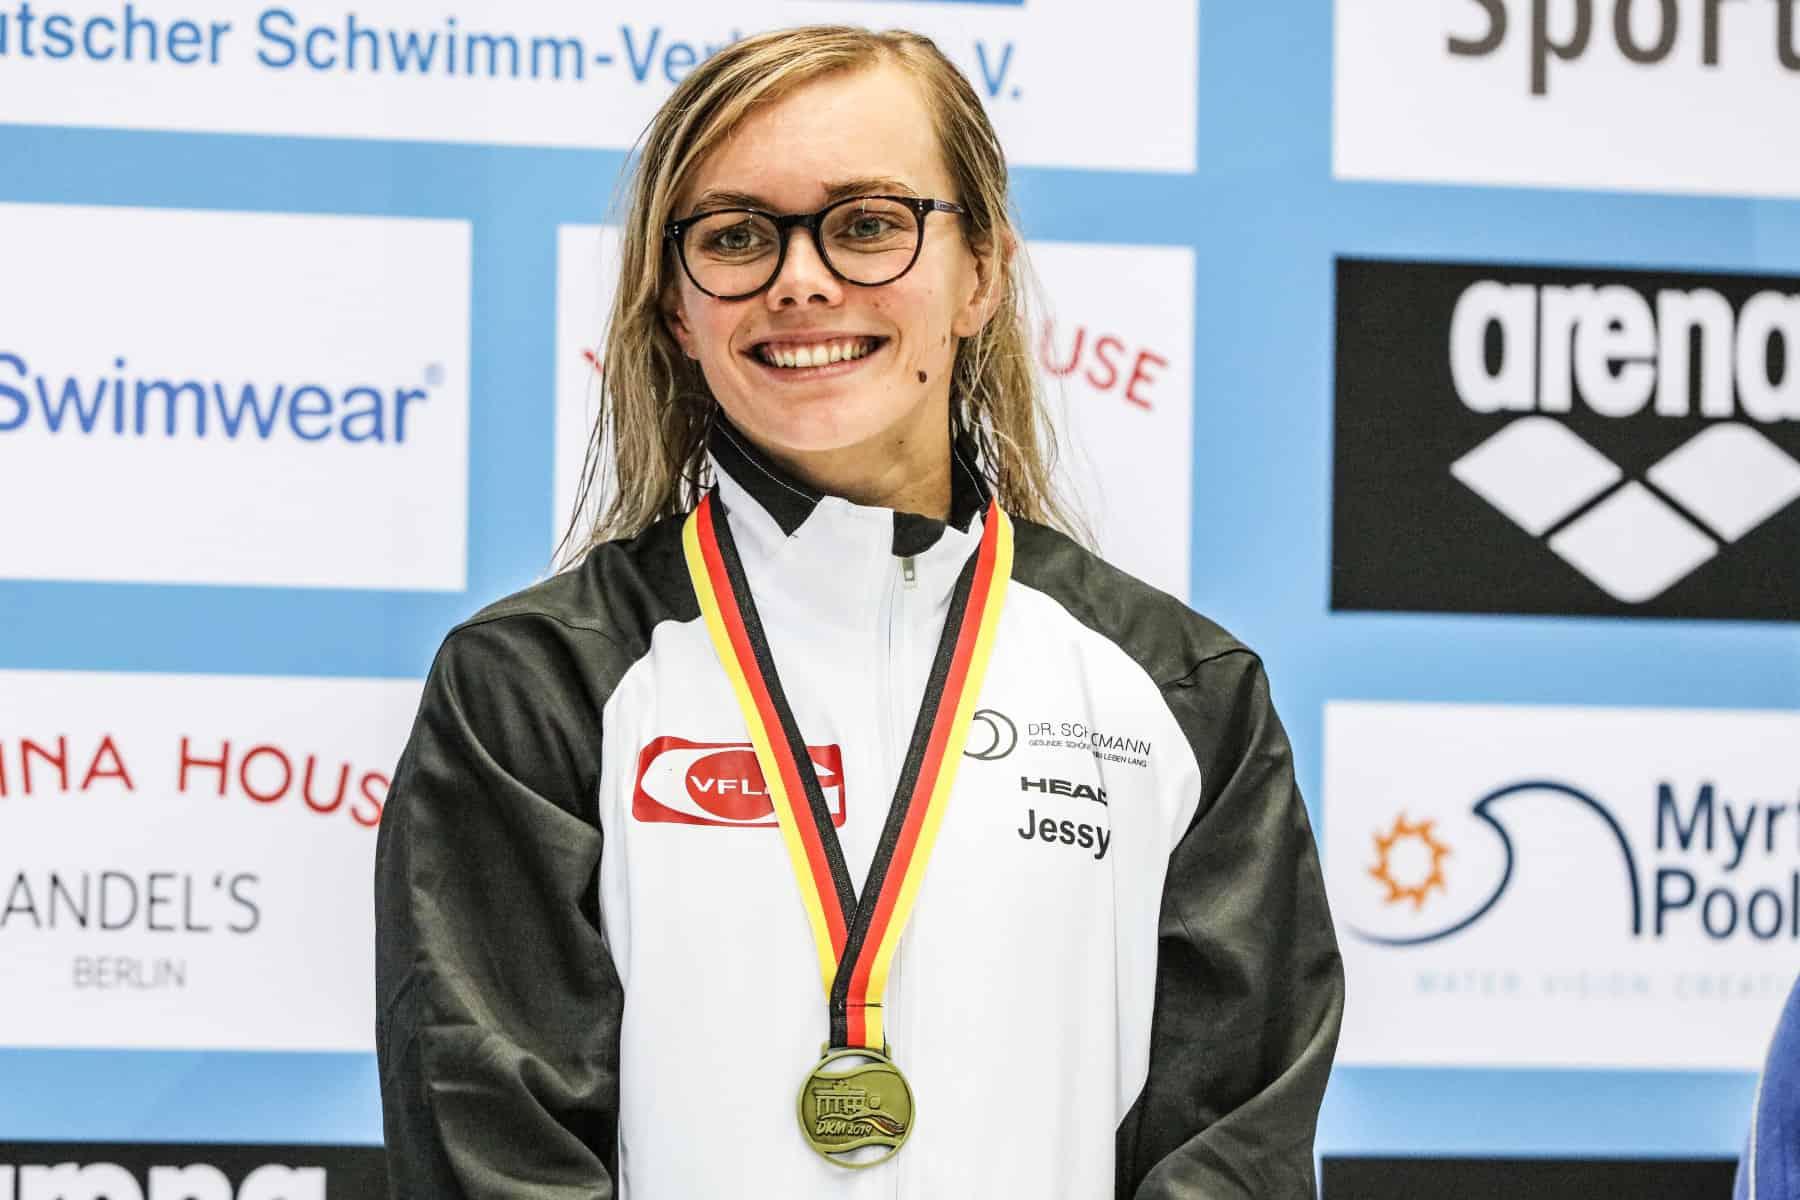 Die strahlende Siegerin Jessica Steiger.